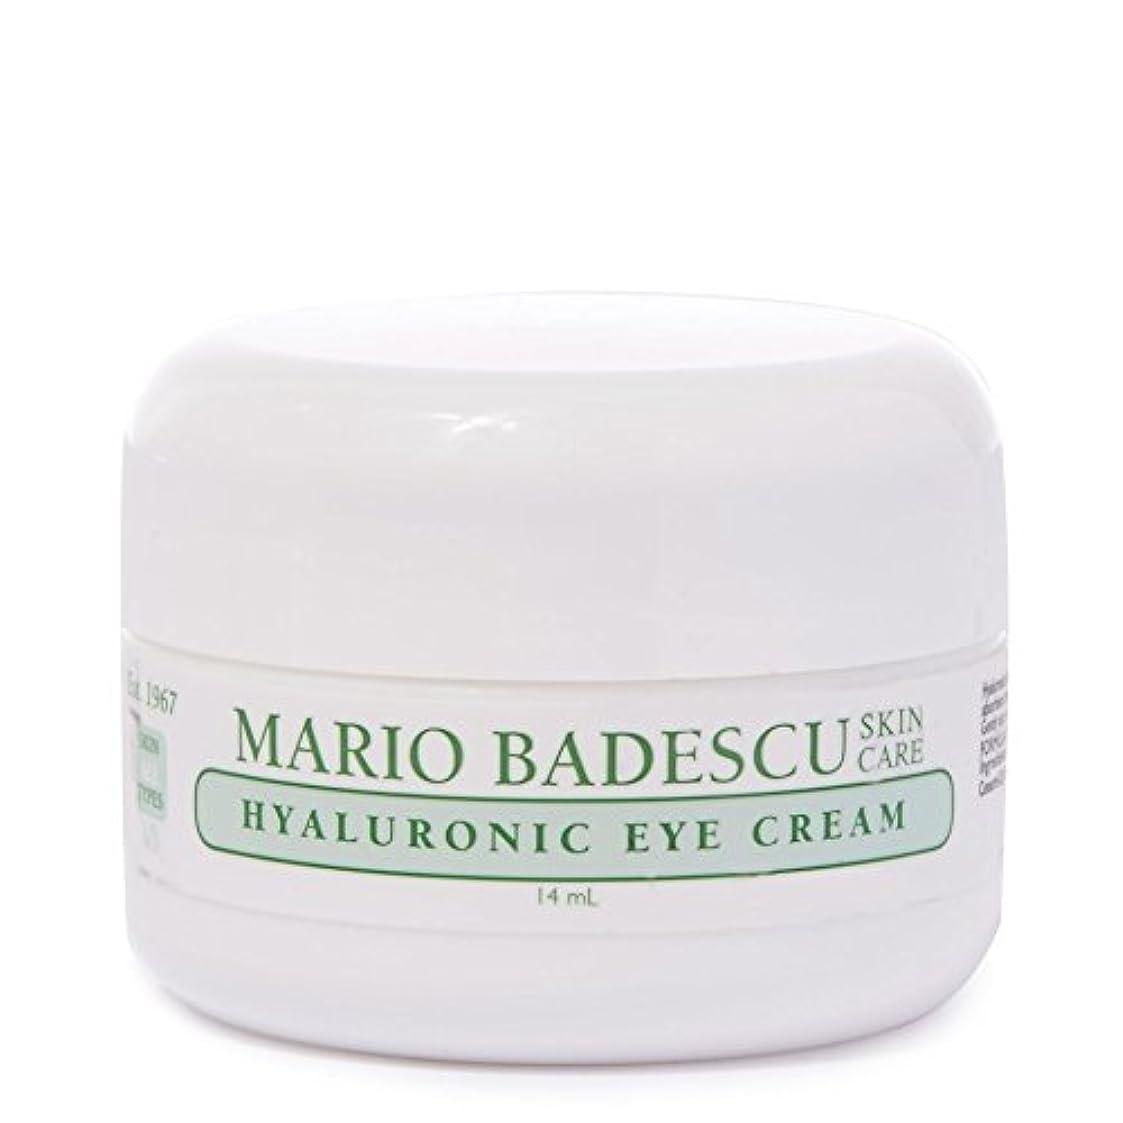 平衡主婦規制マリオ?バデスキューヒアルロンアイクリーム14ミリリットル x4 - Mario Badescu Hyaluronic Eye Cream 14ml (Pack of 4) [並行輸入品]